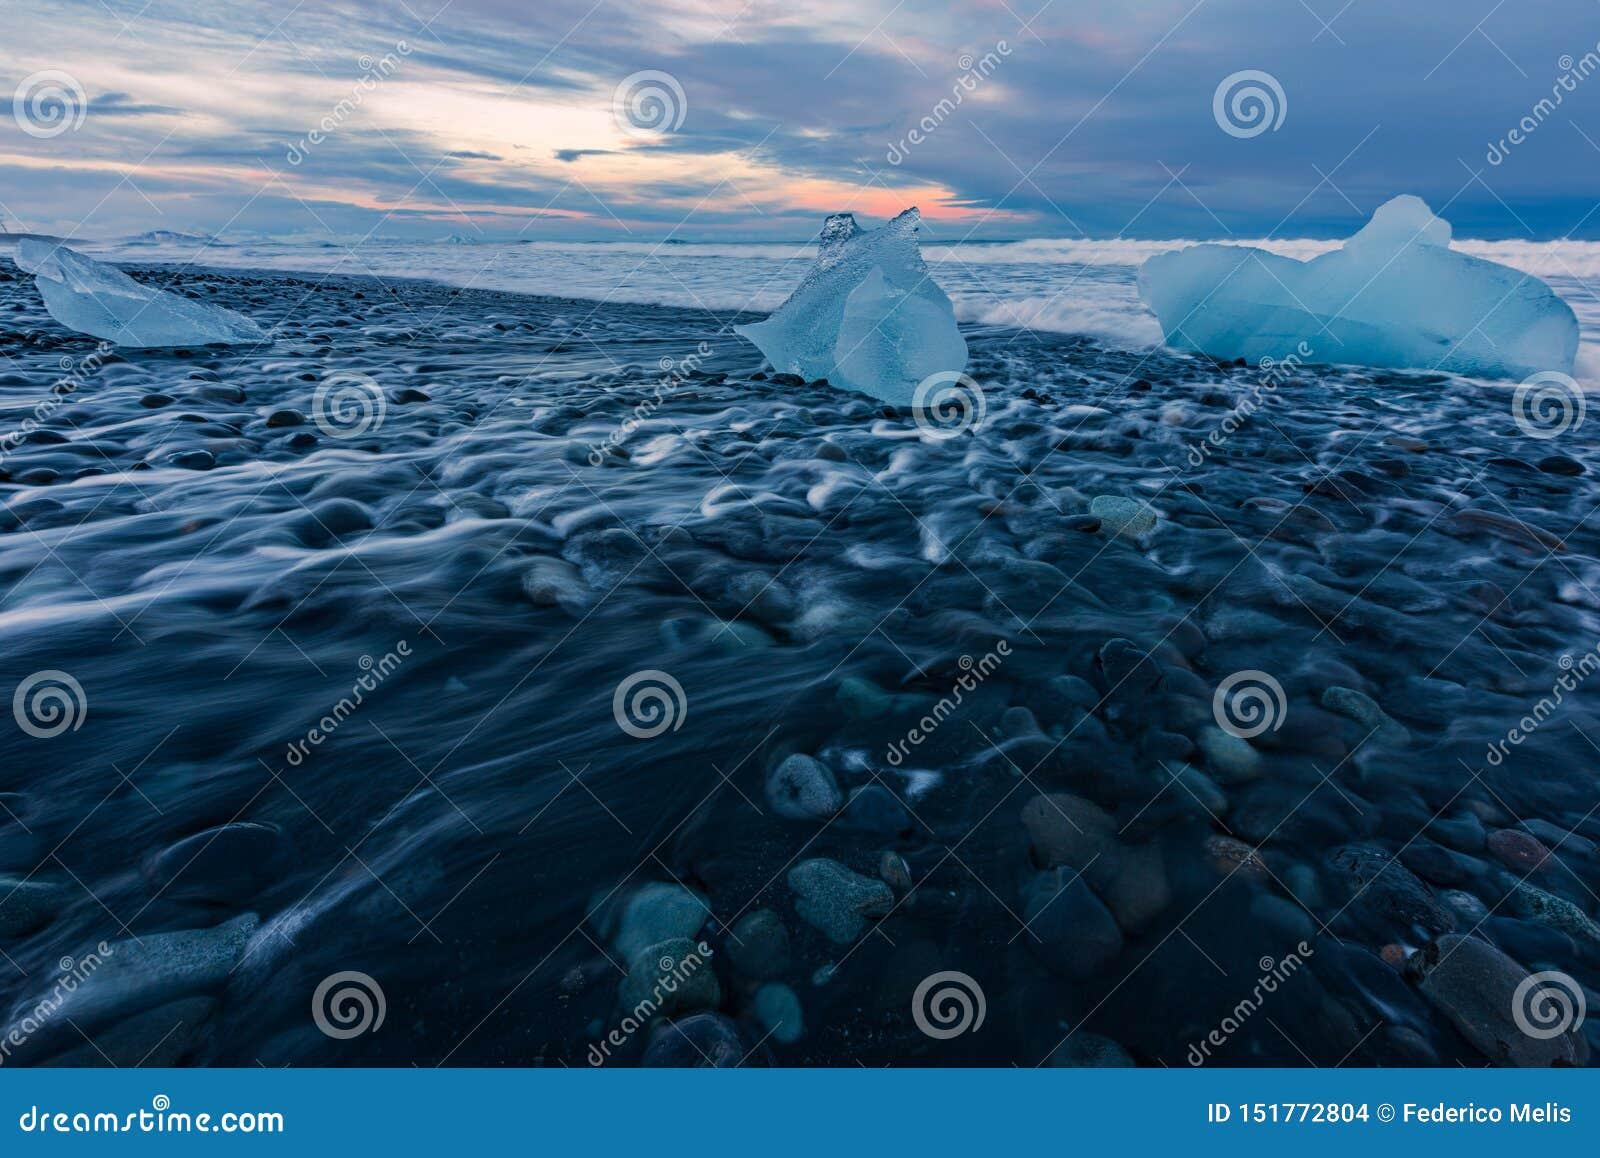 Блоки льда на пляже отработанной формовочной смеси во время захода солнца в Исландии